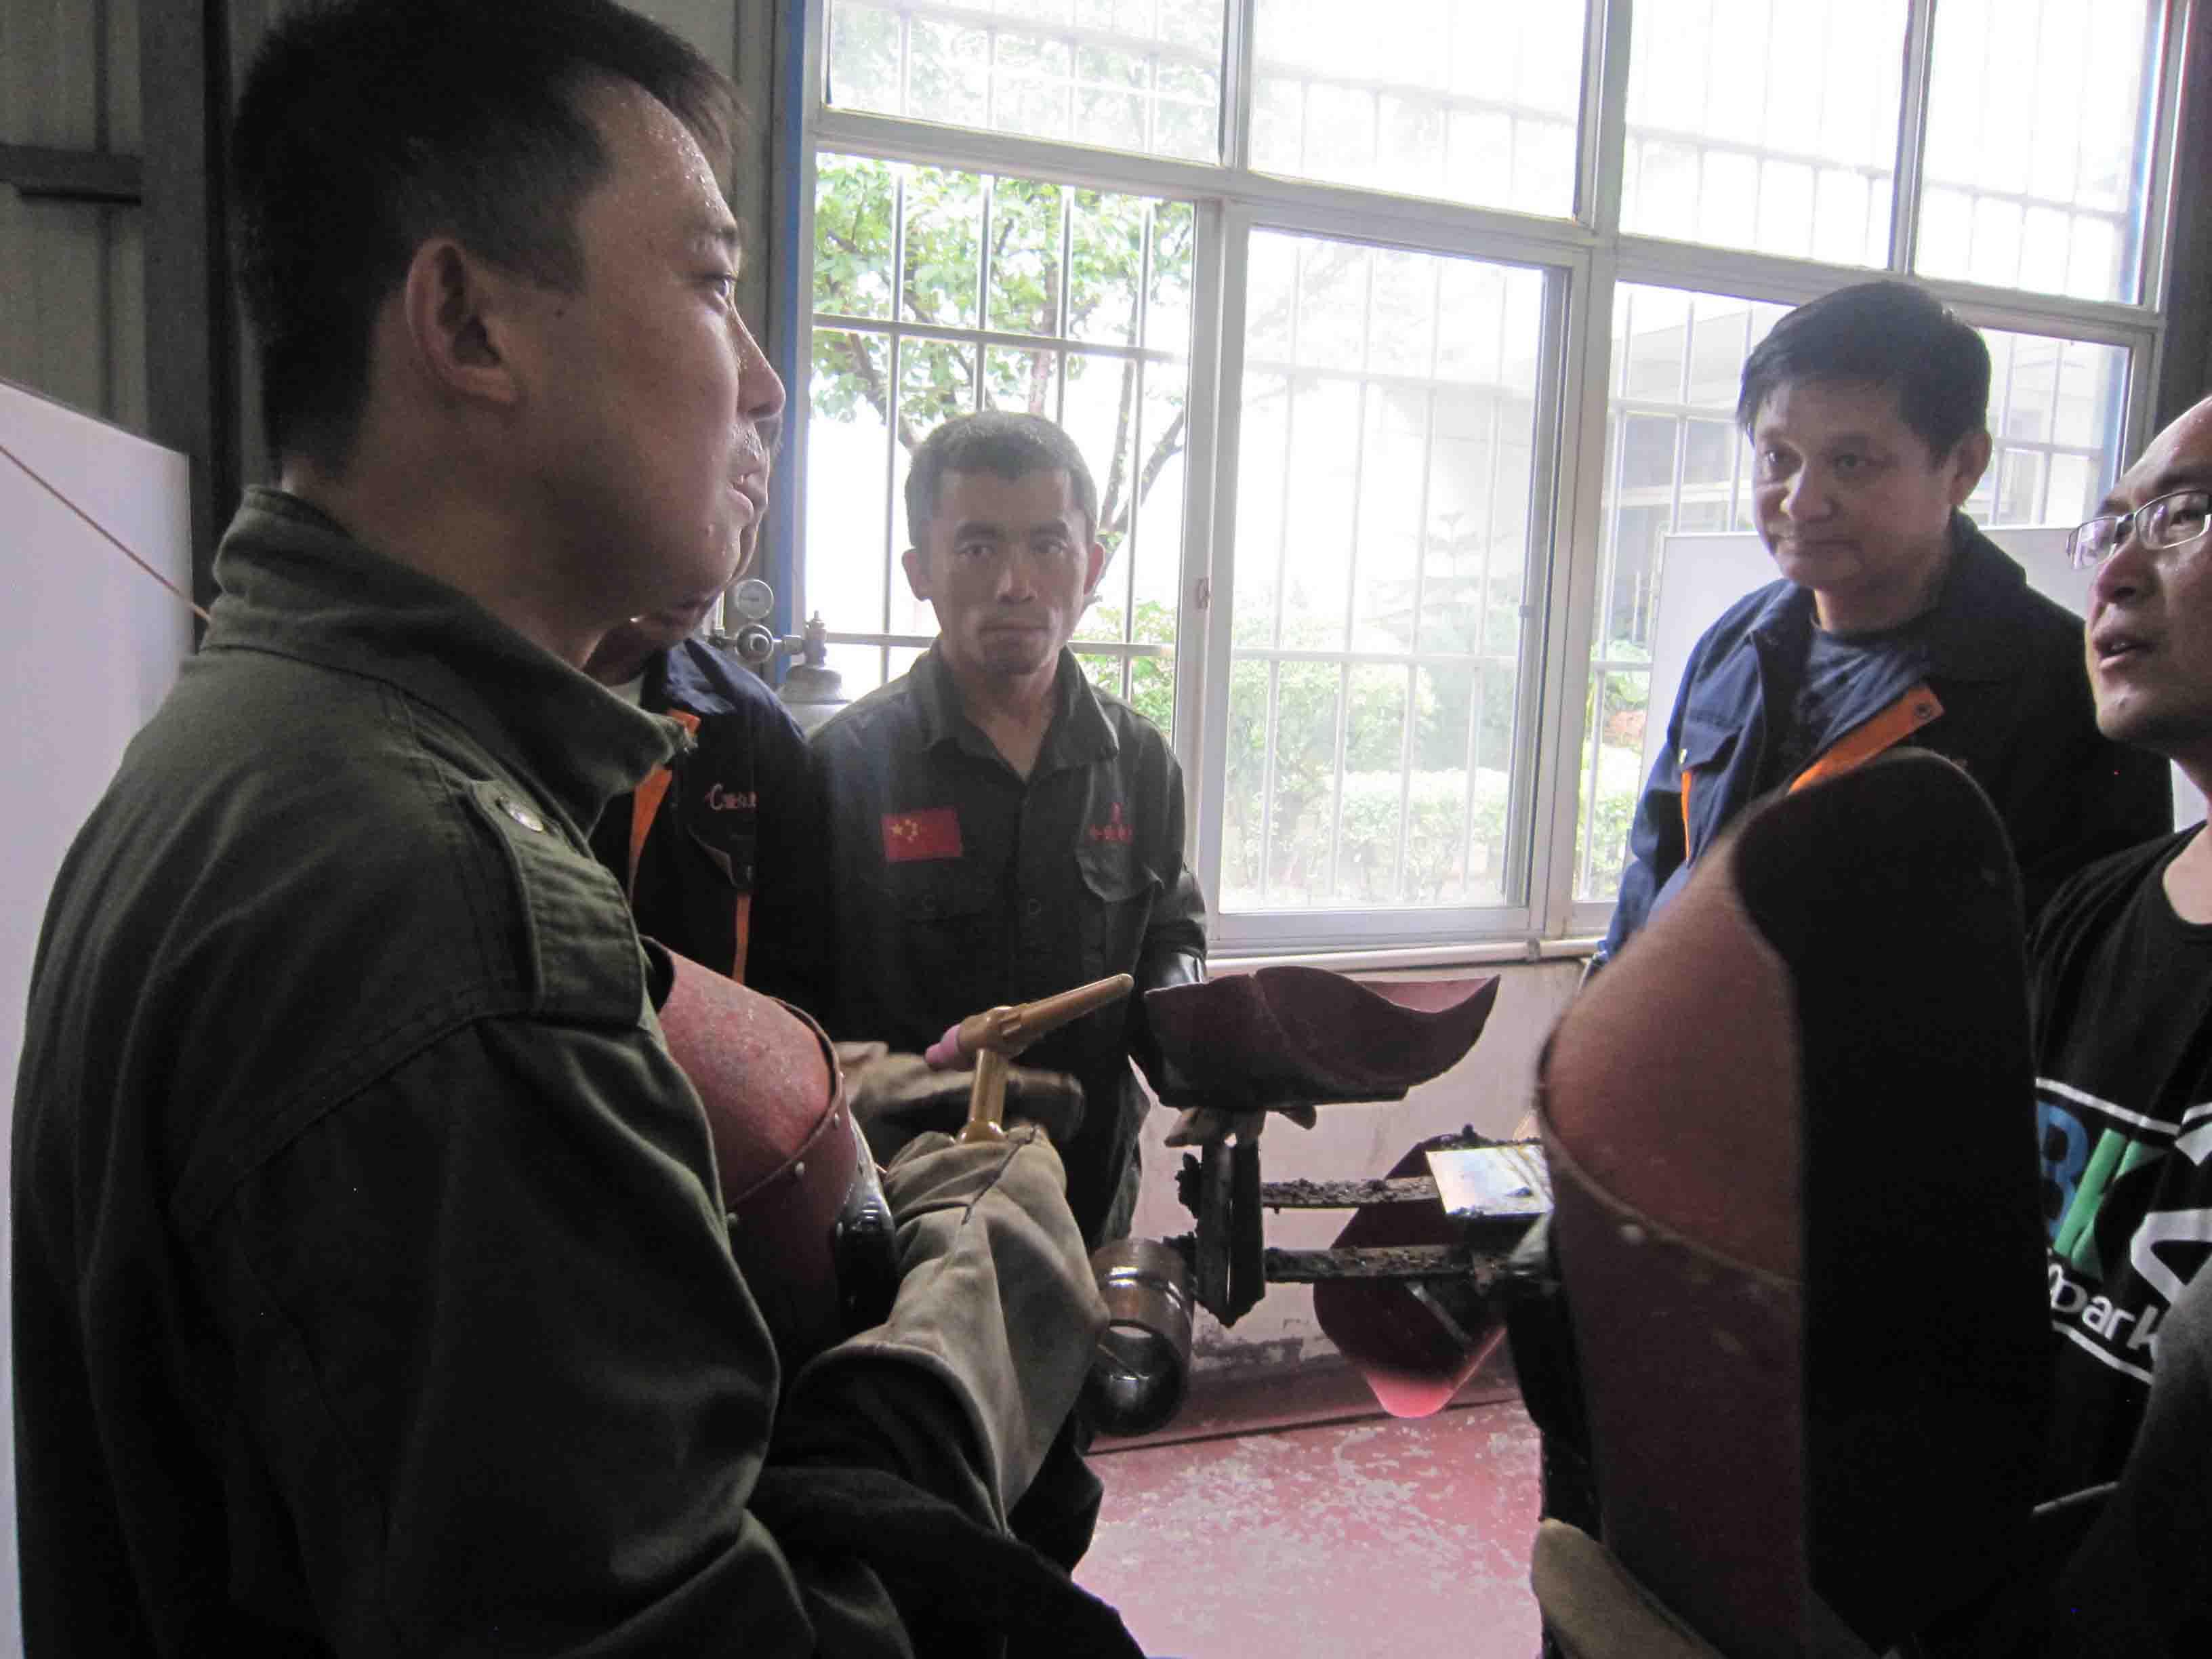 济南中级焊工培训-初级焊工培训课程还是超英电气焊职业培训好